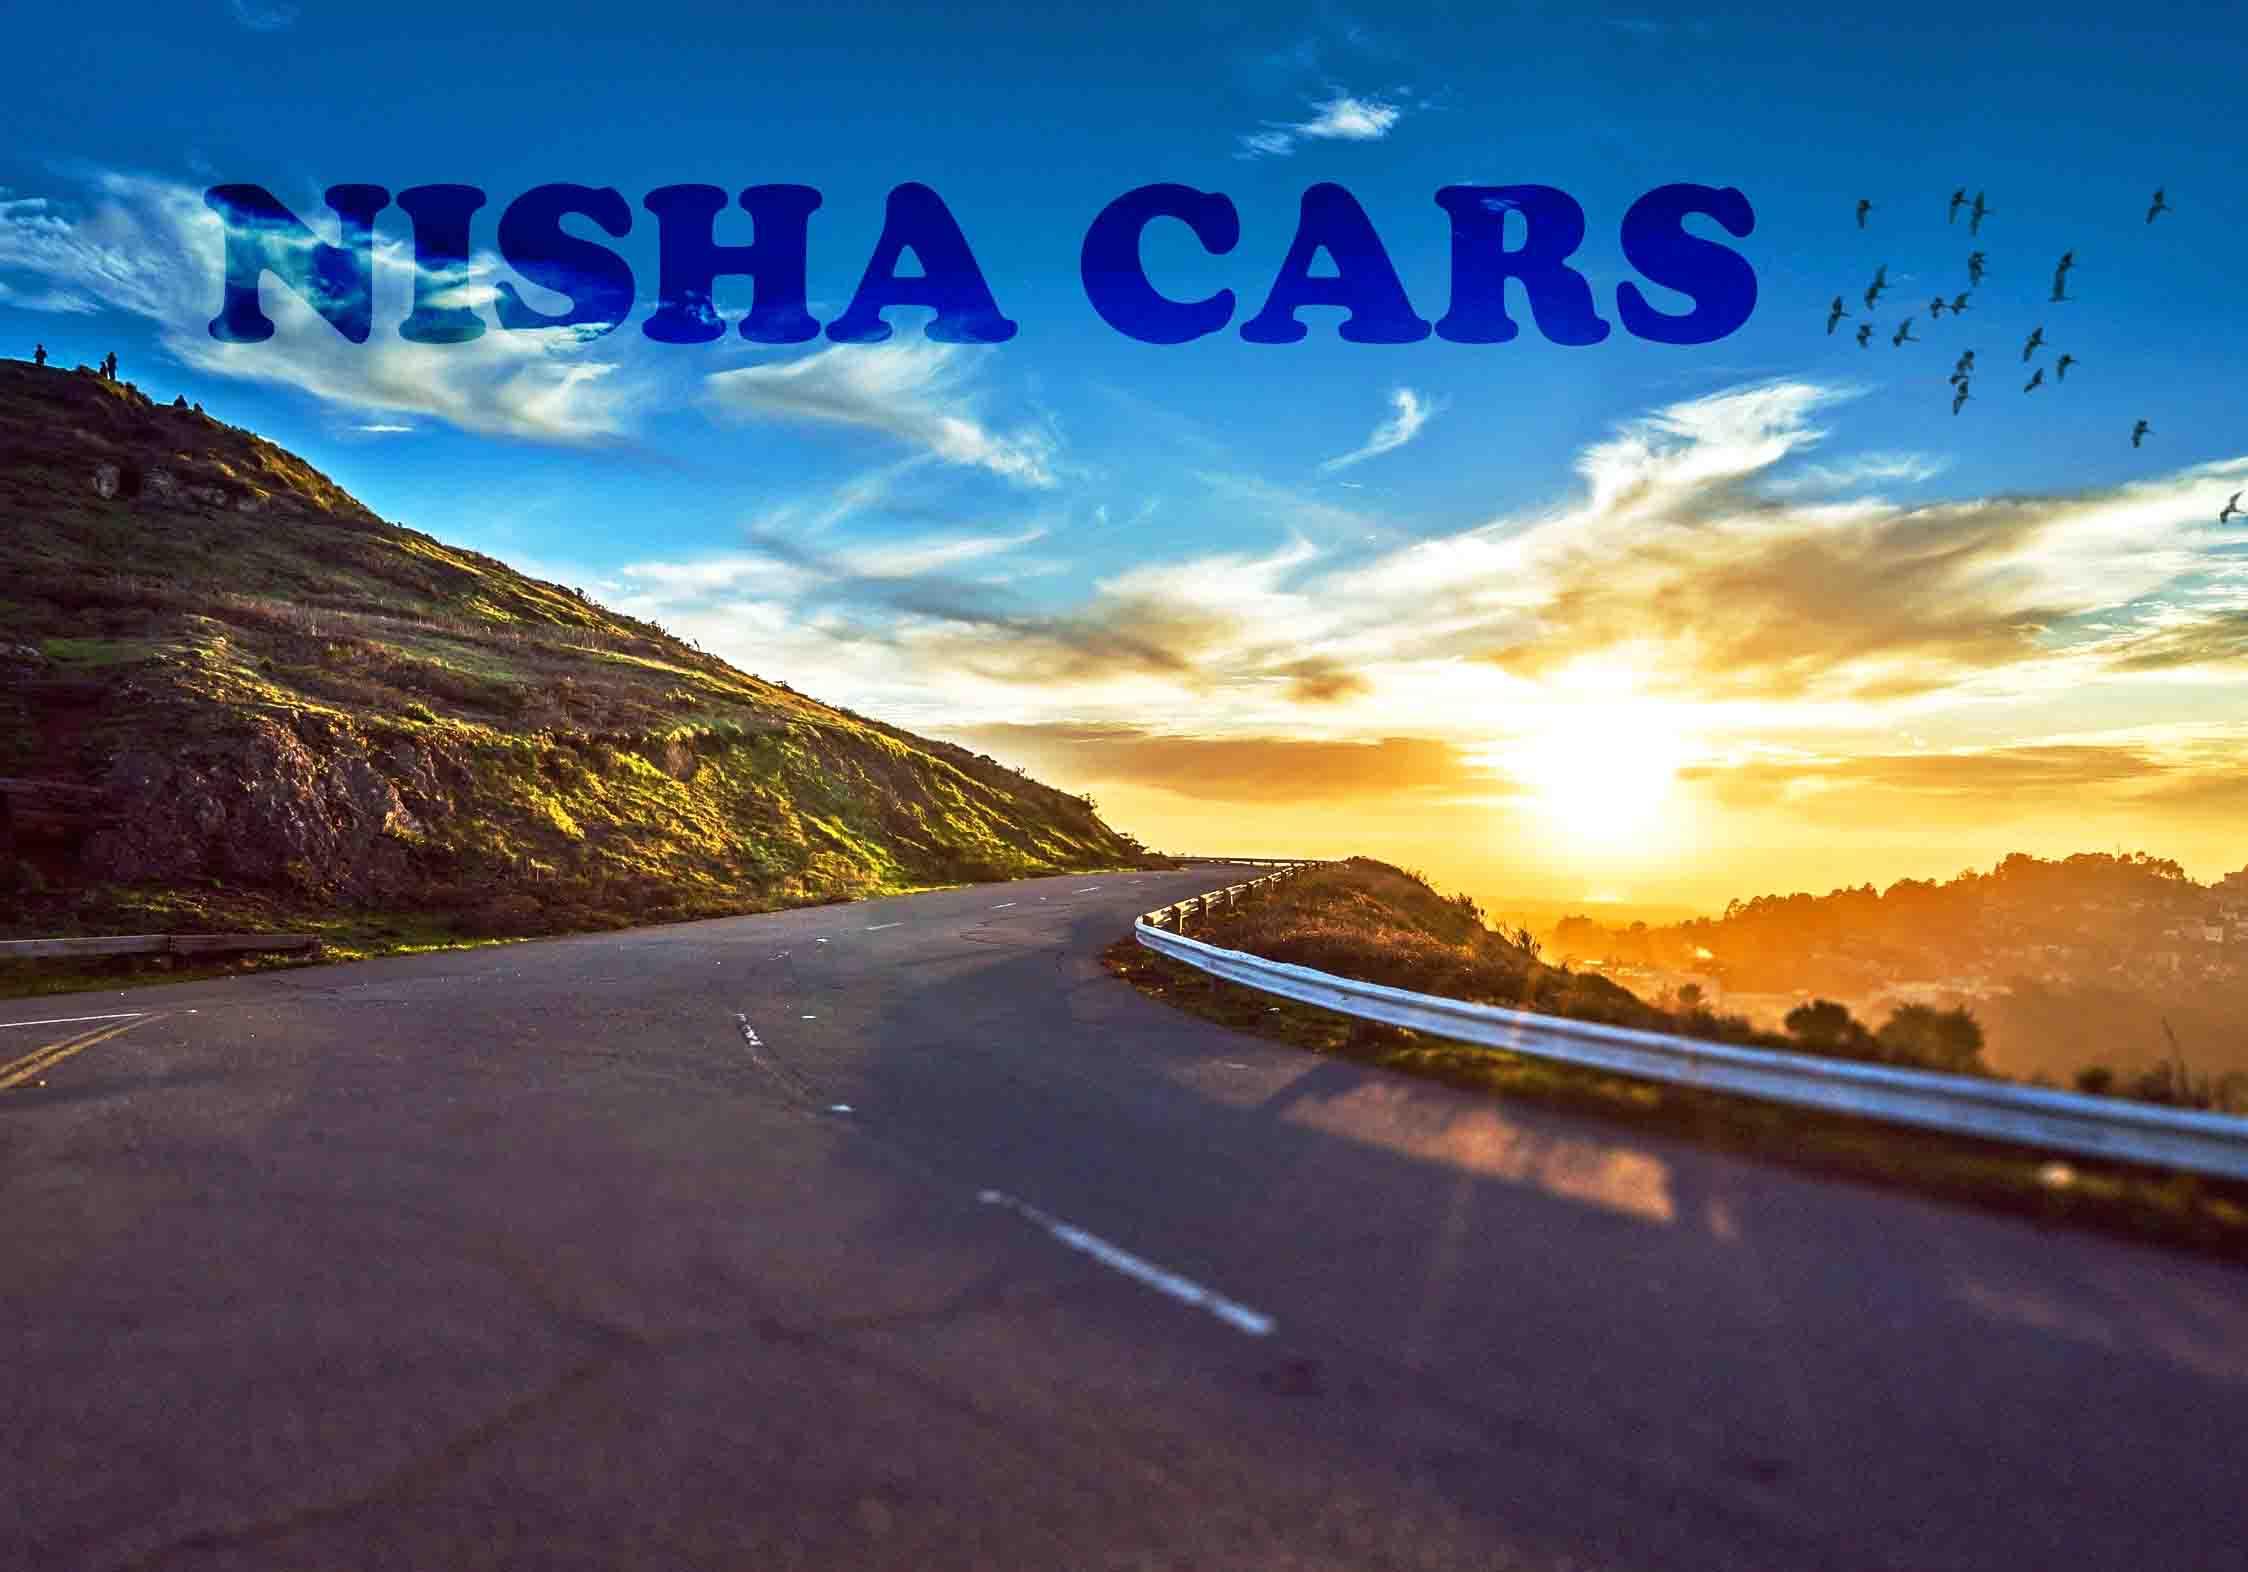 Nisha cars